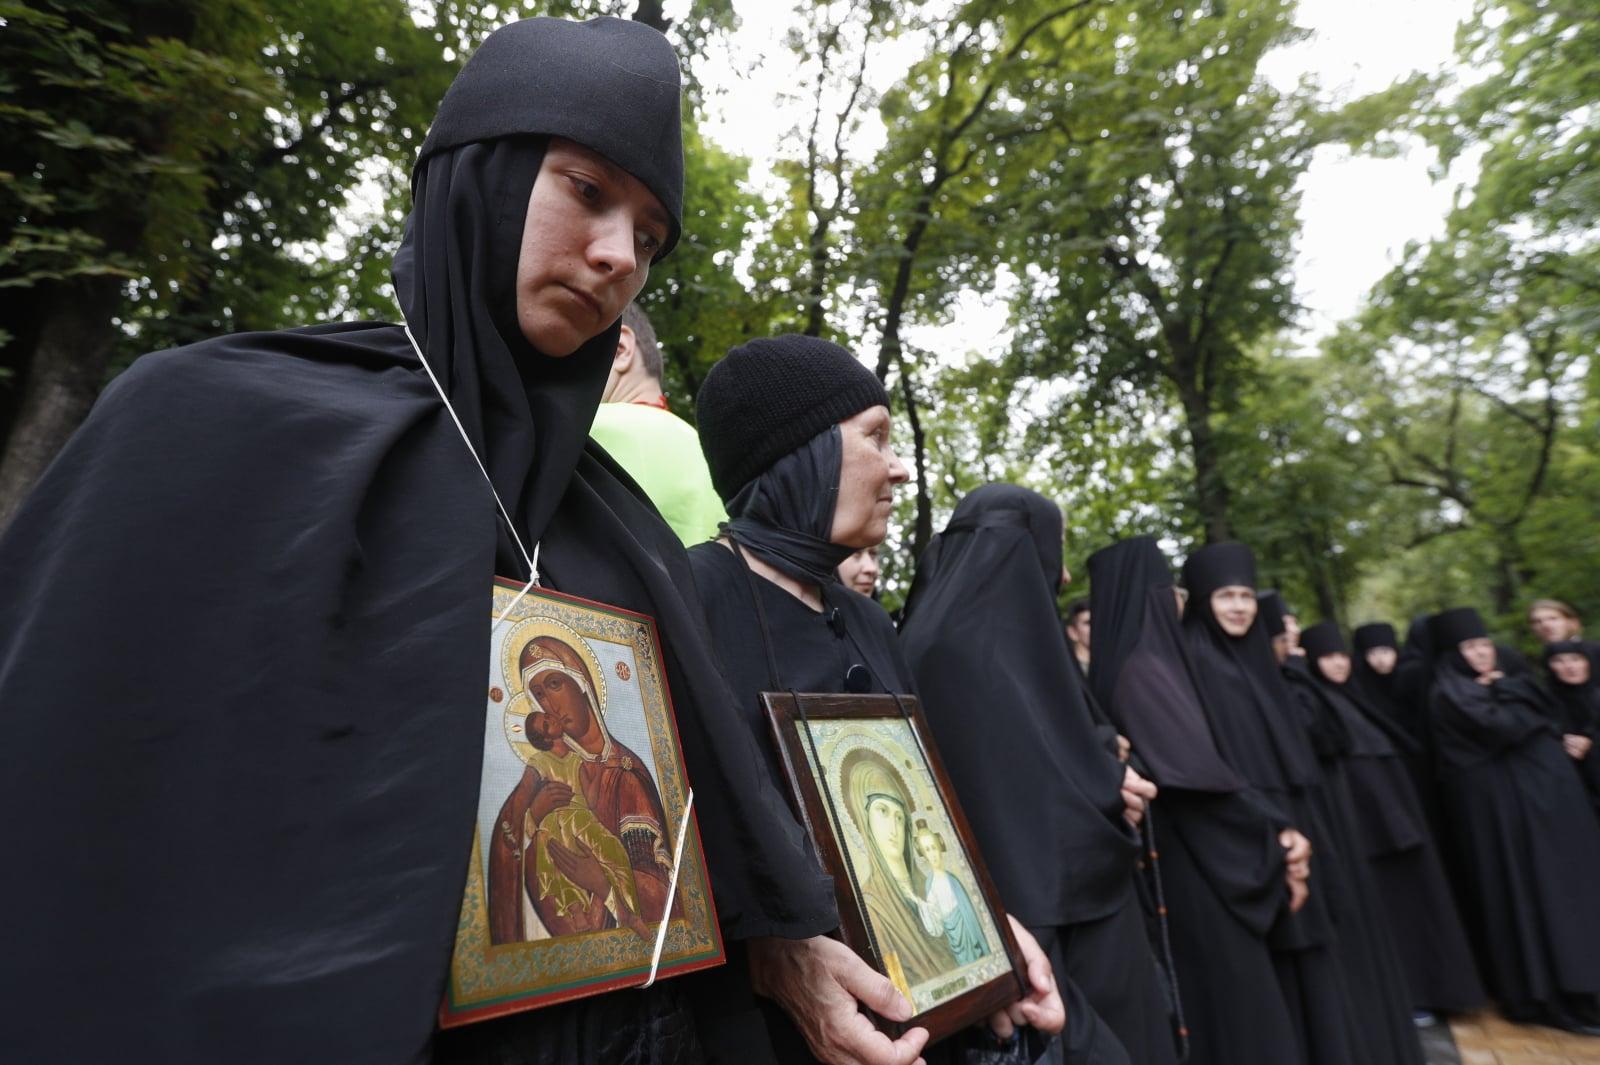 Ukraińskie mniszki prawosławne uczestniczą w nabożeństwie modlitewnym na wzgórzu św. Włodzimierza w centrum Kijowa na Ukrainie. Prawosławni wierzący obchodzą 1030 rocznicę chrystianizacji Rusi Kijowskiej, fot. EPA/SERGEY DOLZHENKO